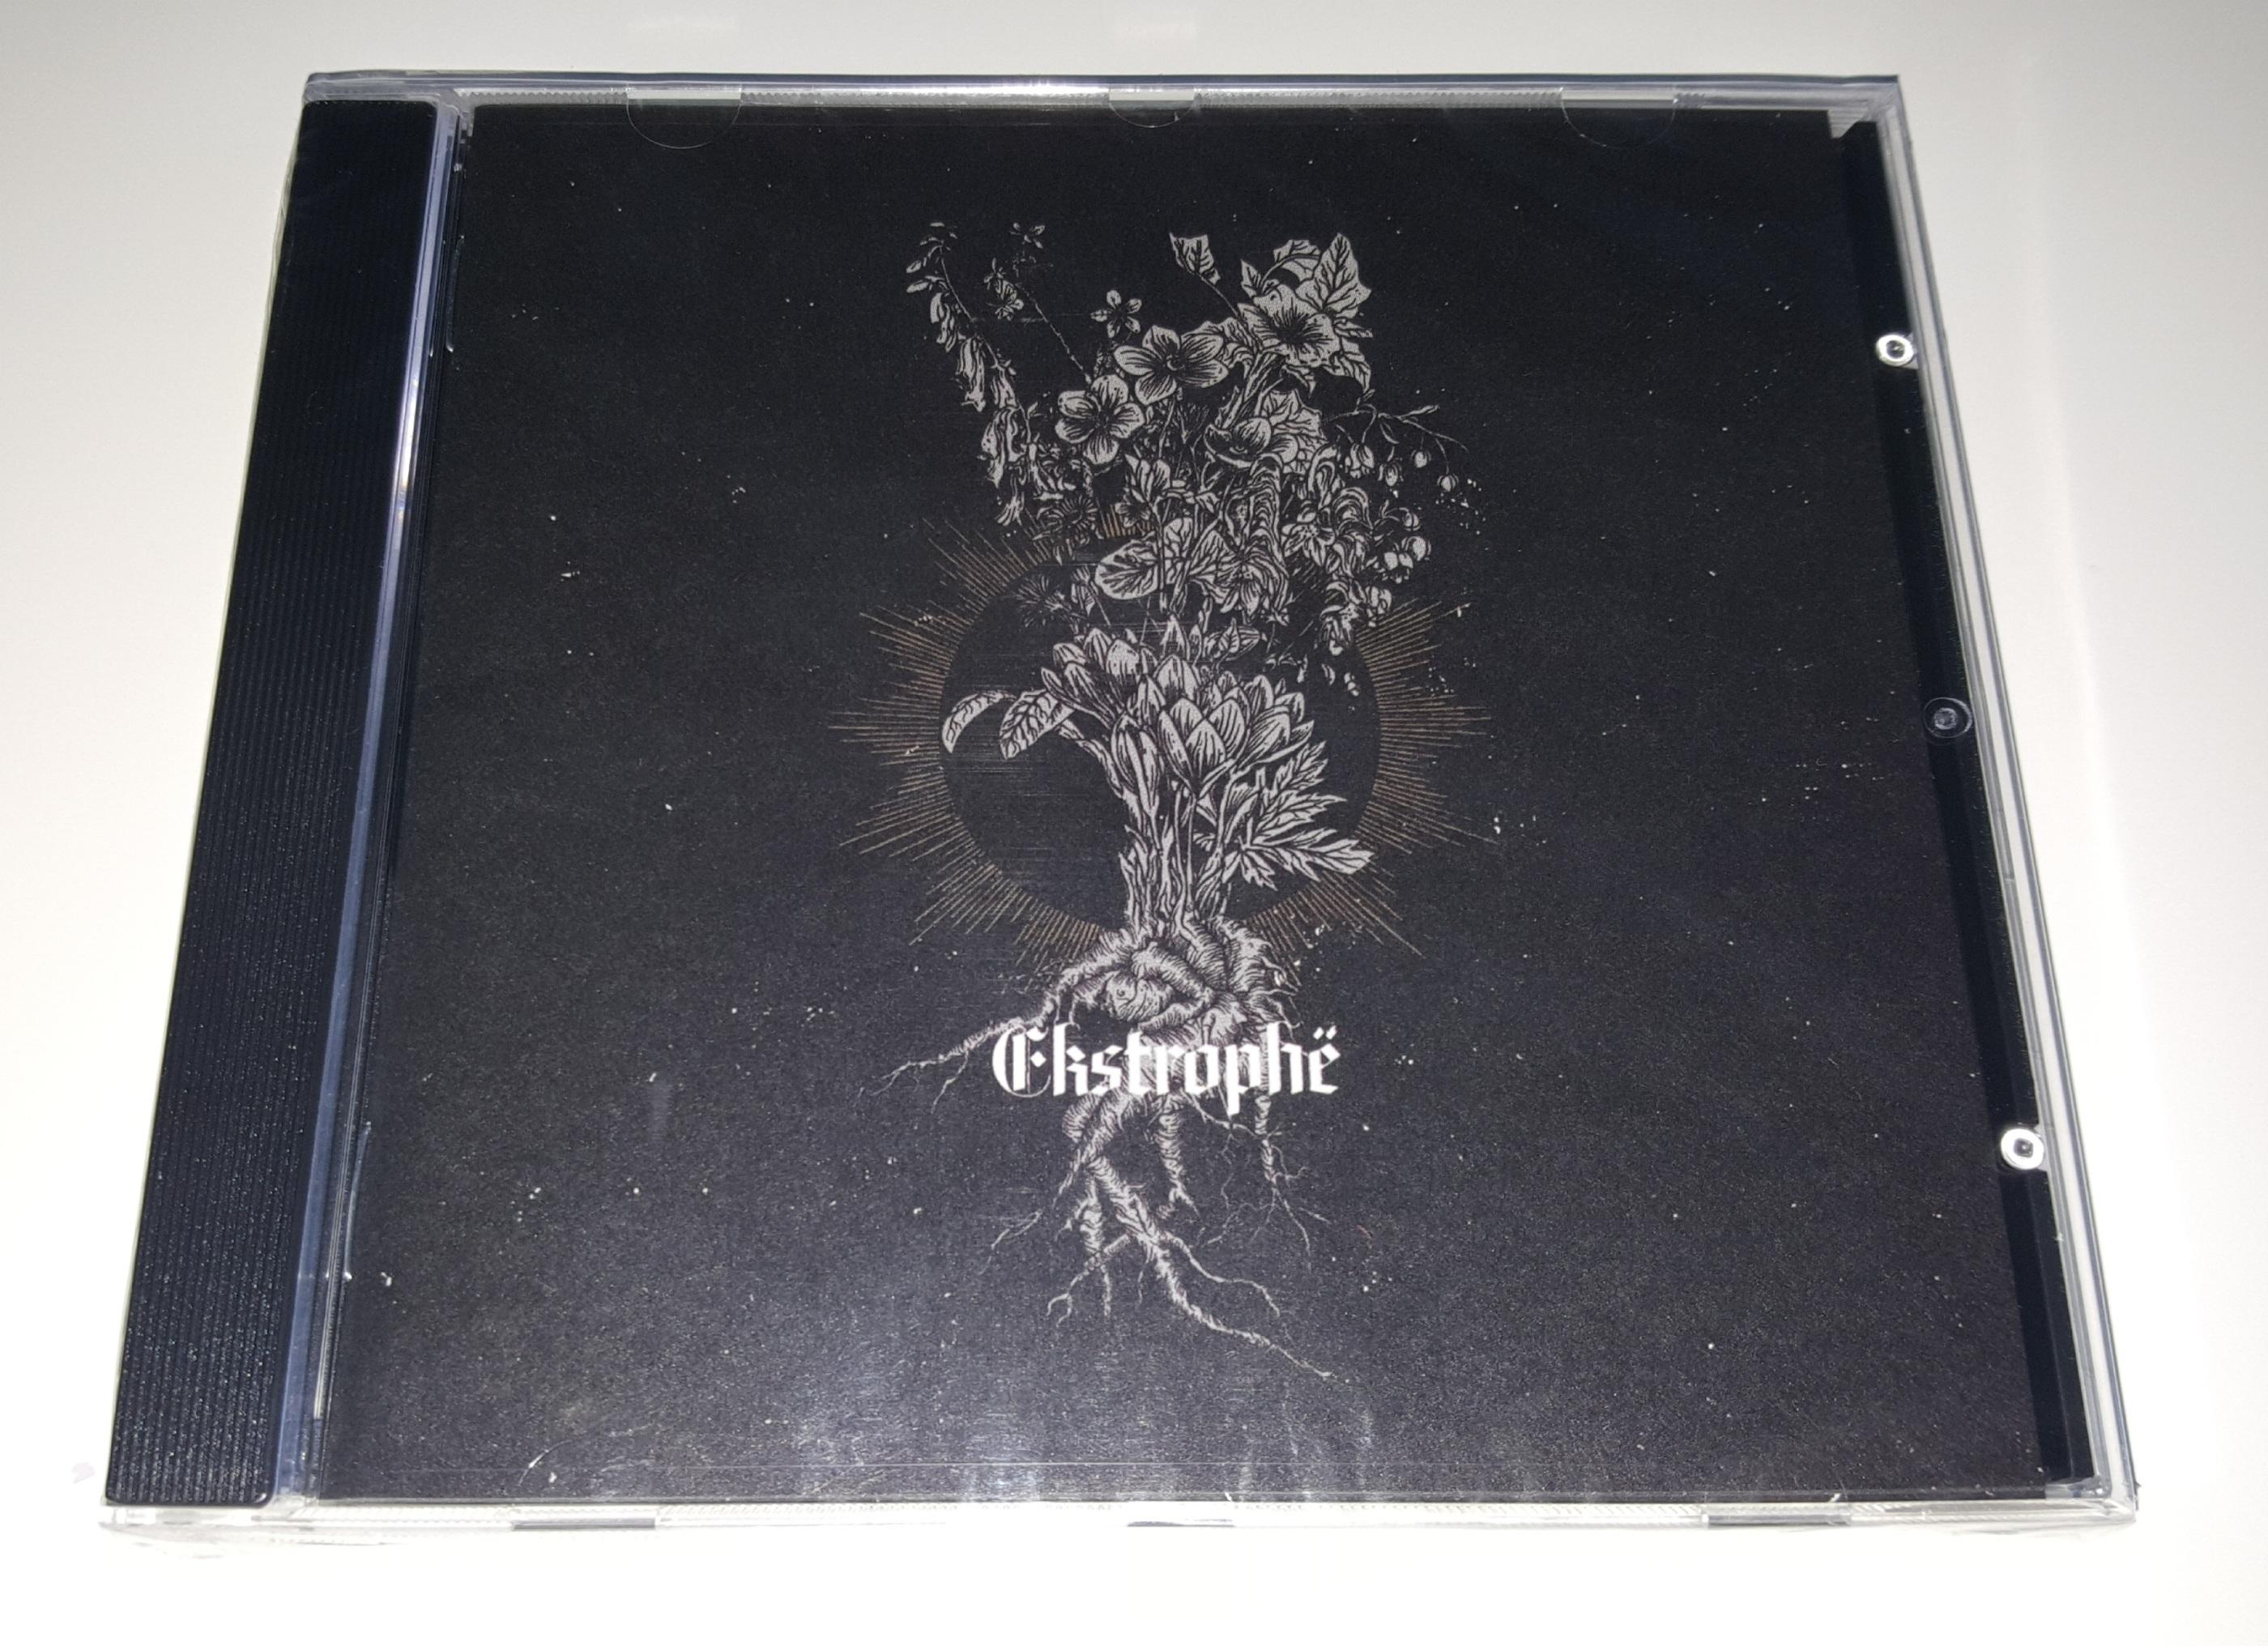 Ekstrophë Compilation CD